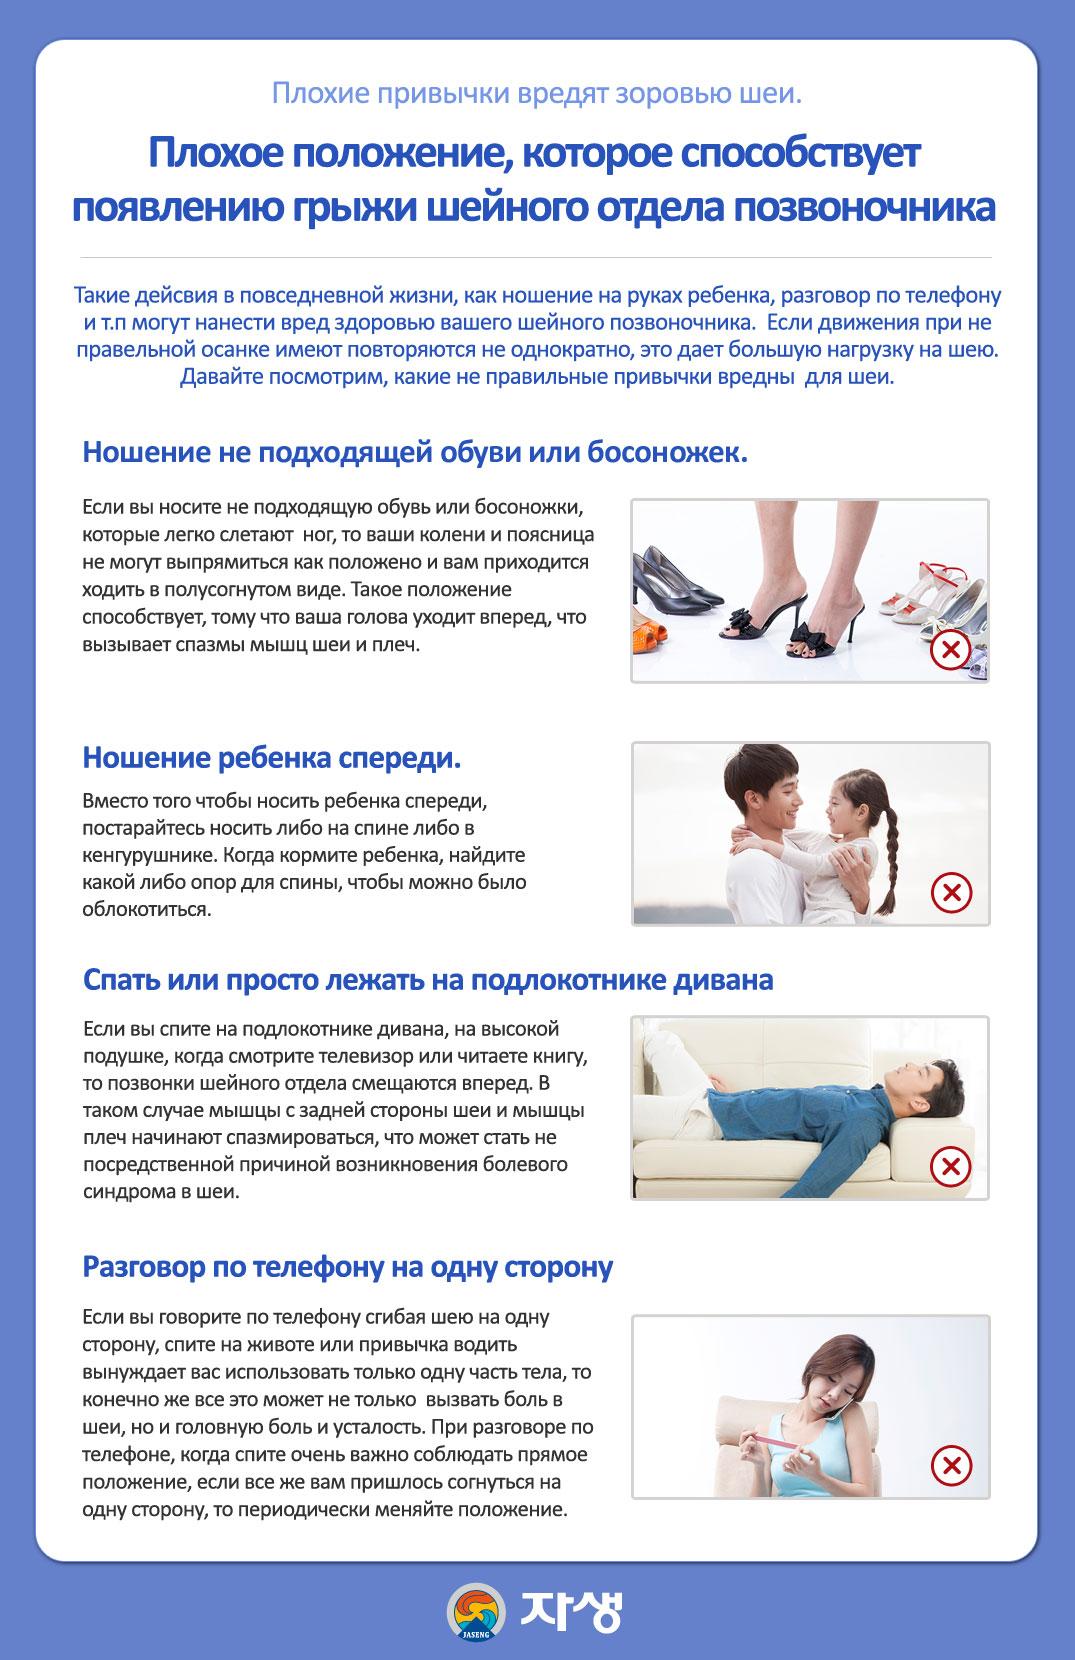 Плохие привычки вредят зоровью шеи. - Центр корейской медицины Часэн